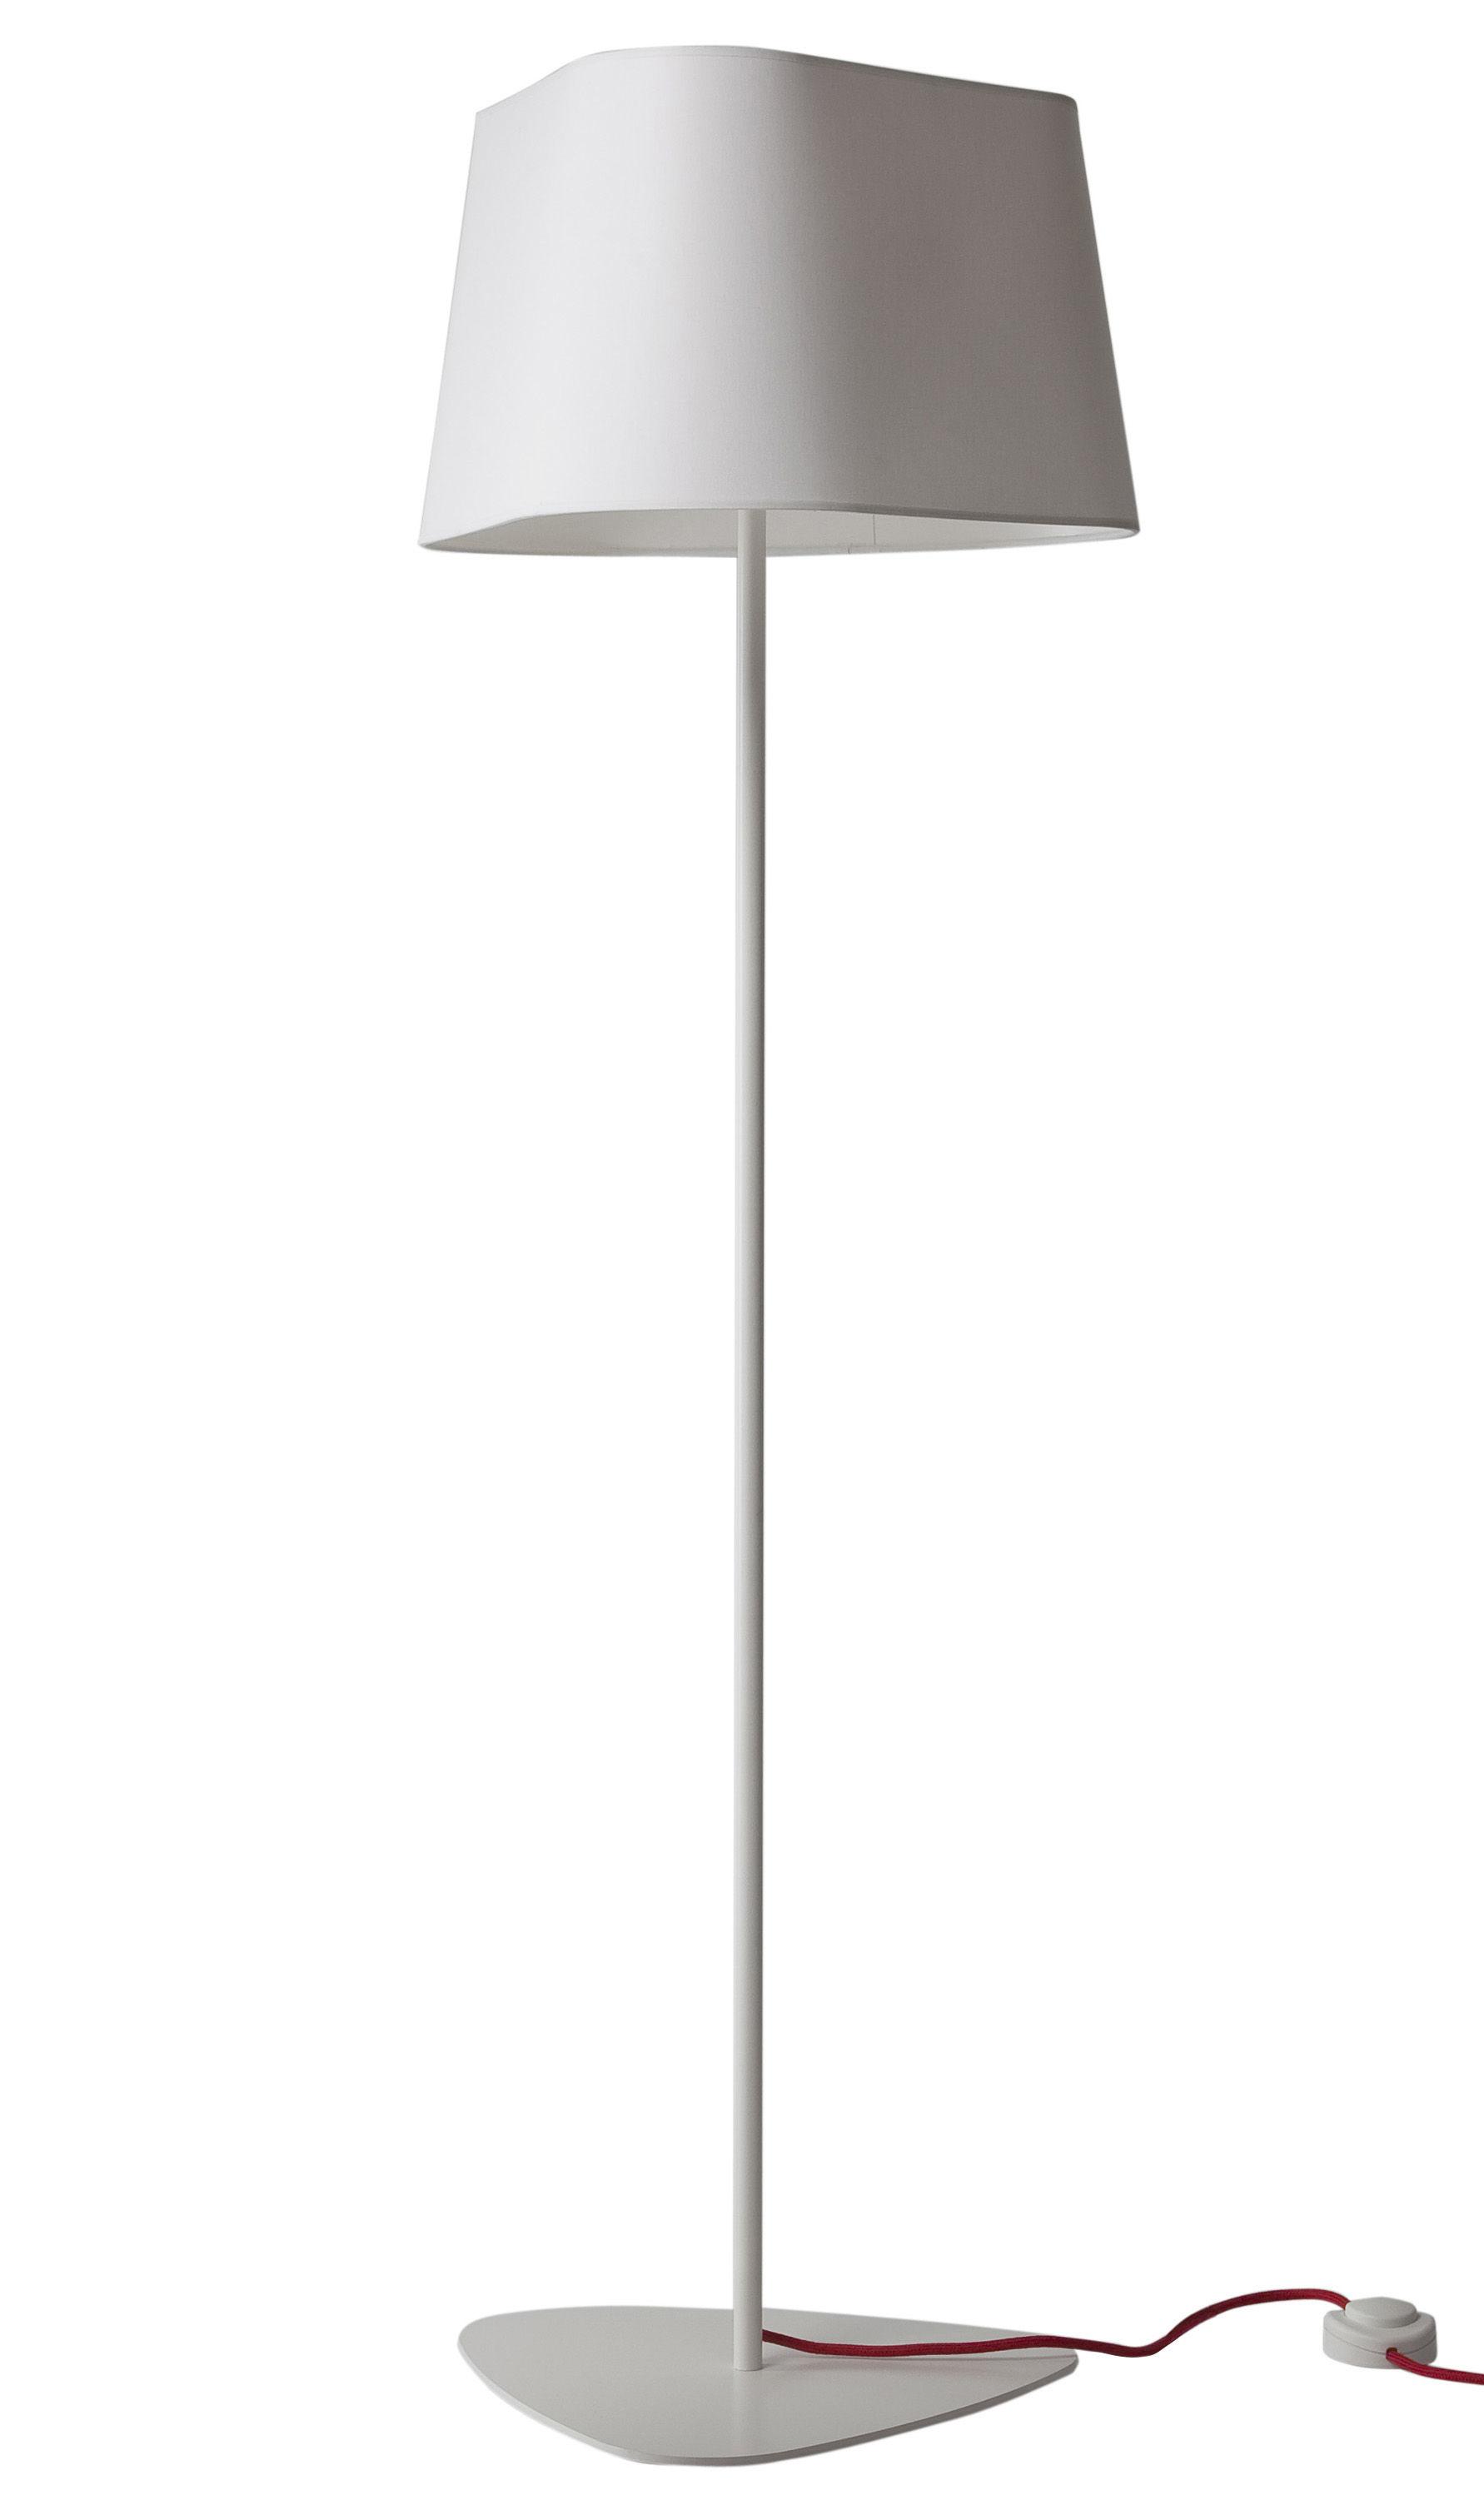 Leuchten - Stehleuchten - Grand Nuage XL Stehleuchte - Designheure - H 162 cm -  Weißes Percaline-Baumwollgewebe - lackierter Stahl, Percaline de coton